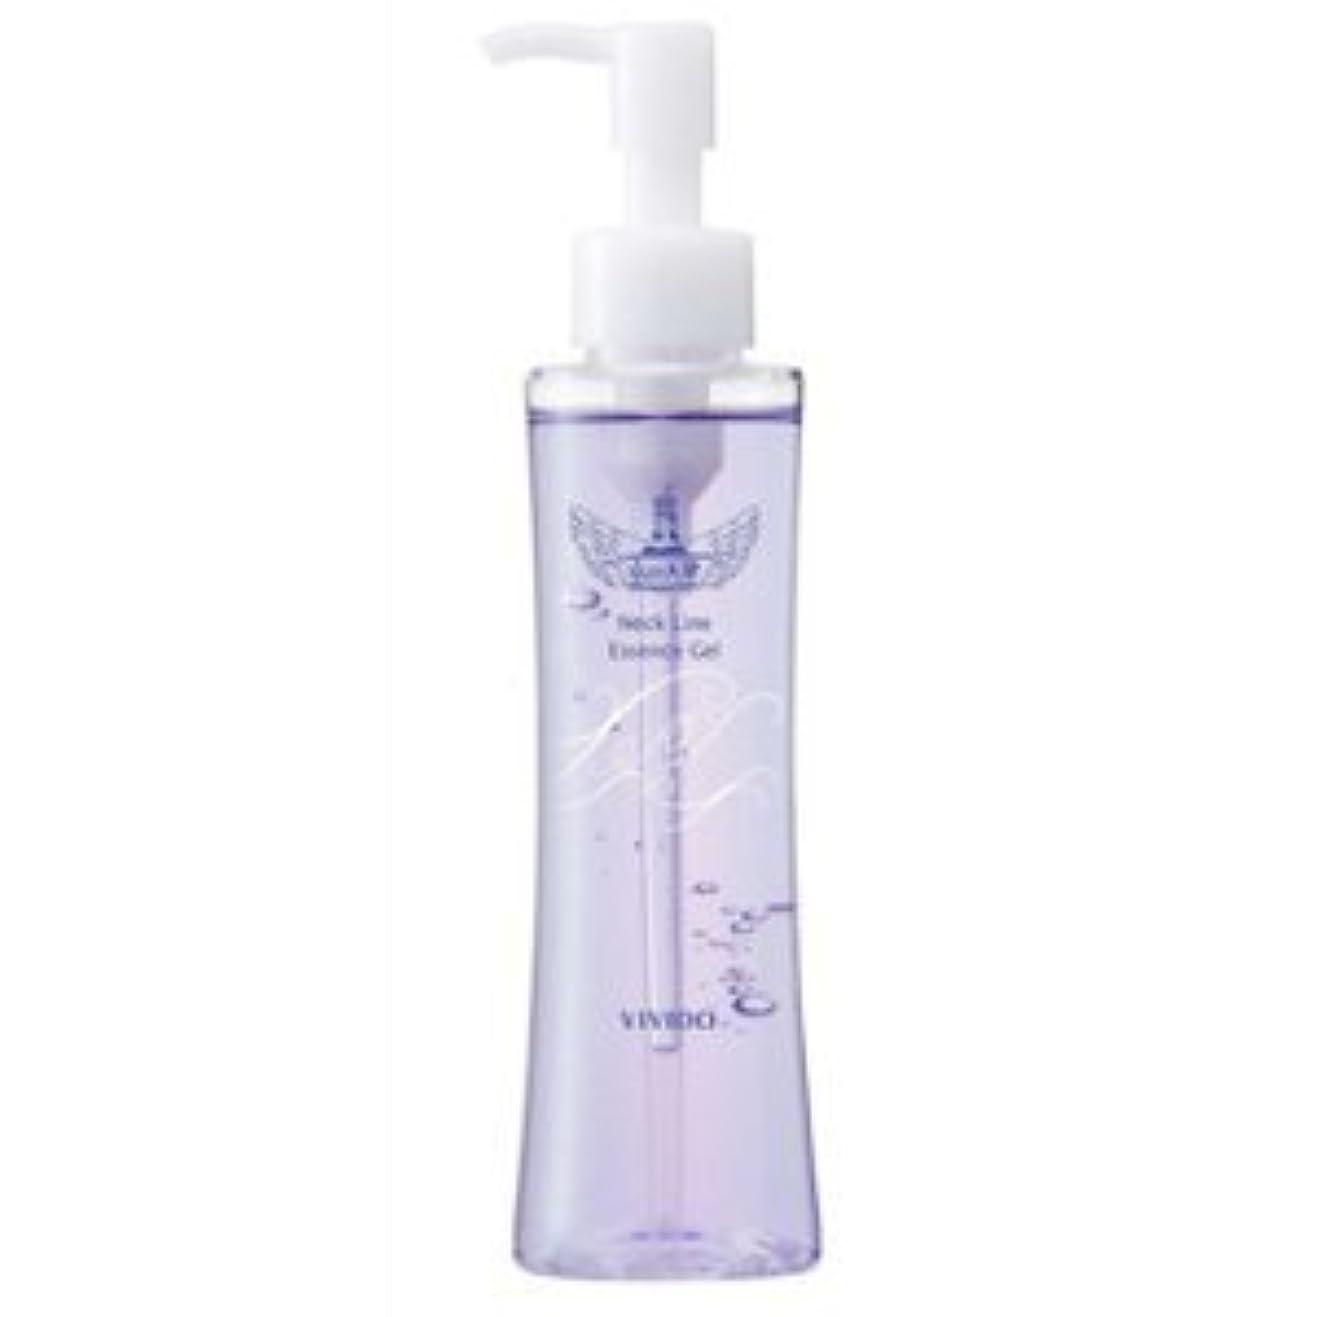 禁止蚊チョーク水の天使プレミアムネックライン美容液150g 2個セット